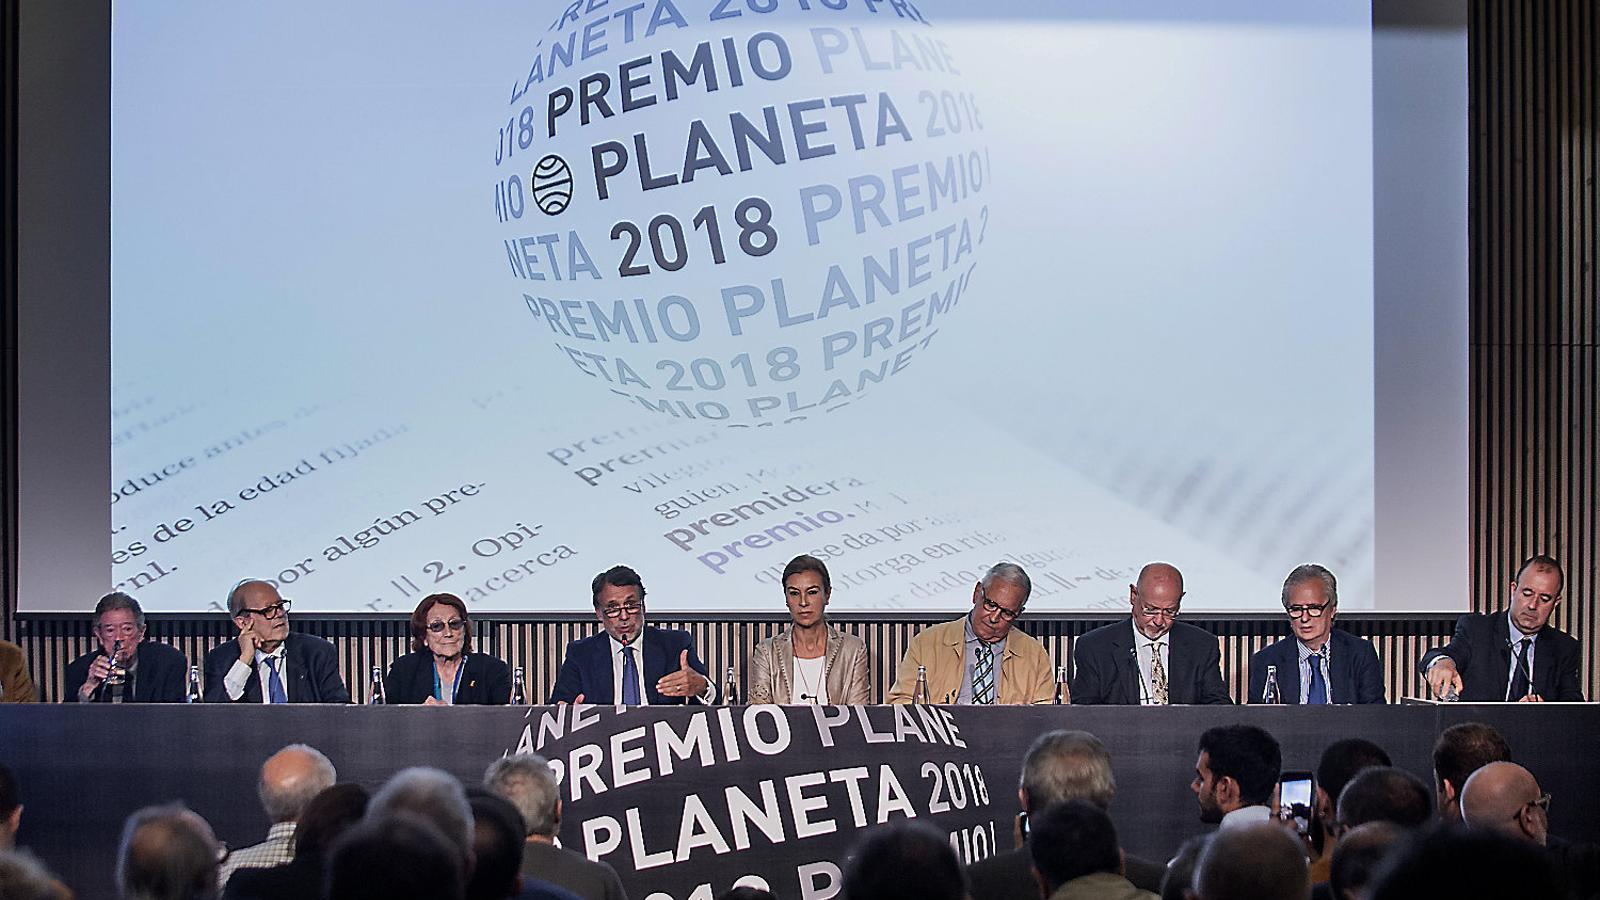 La veu femenina domina als premis Planeta